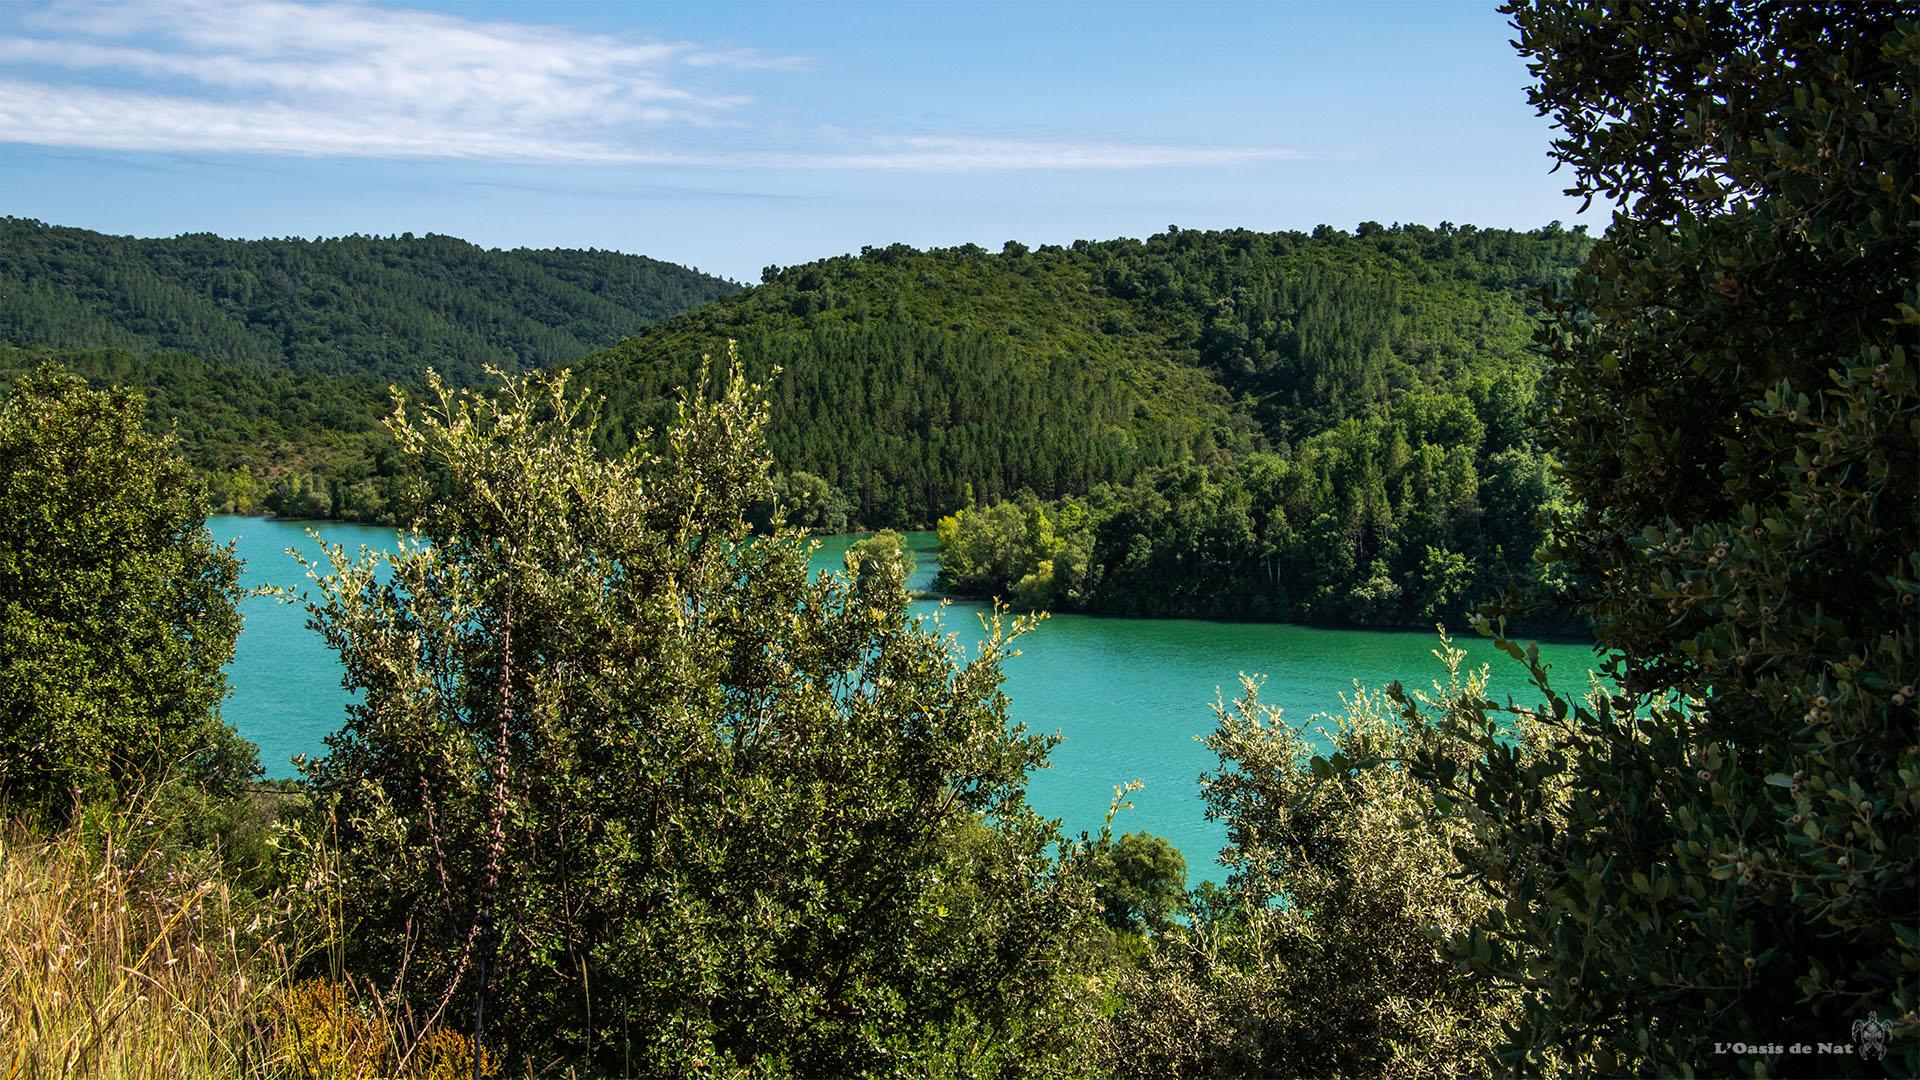 Lac de Saint Cassien_france-Alpes côte d'azur provence_l'oasis de nat (4)